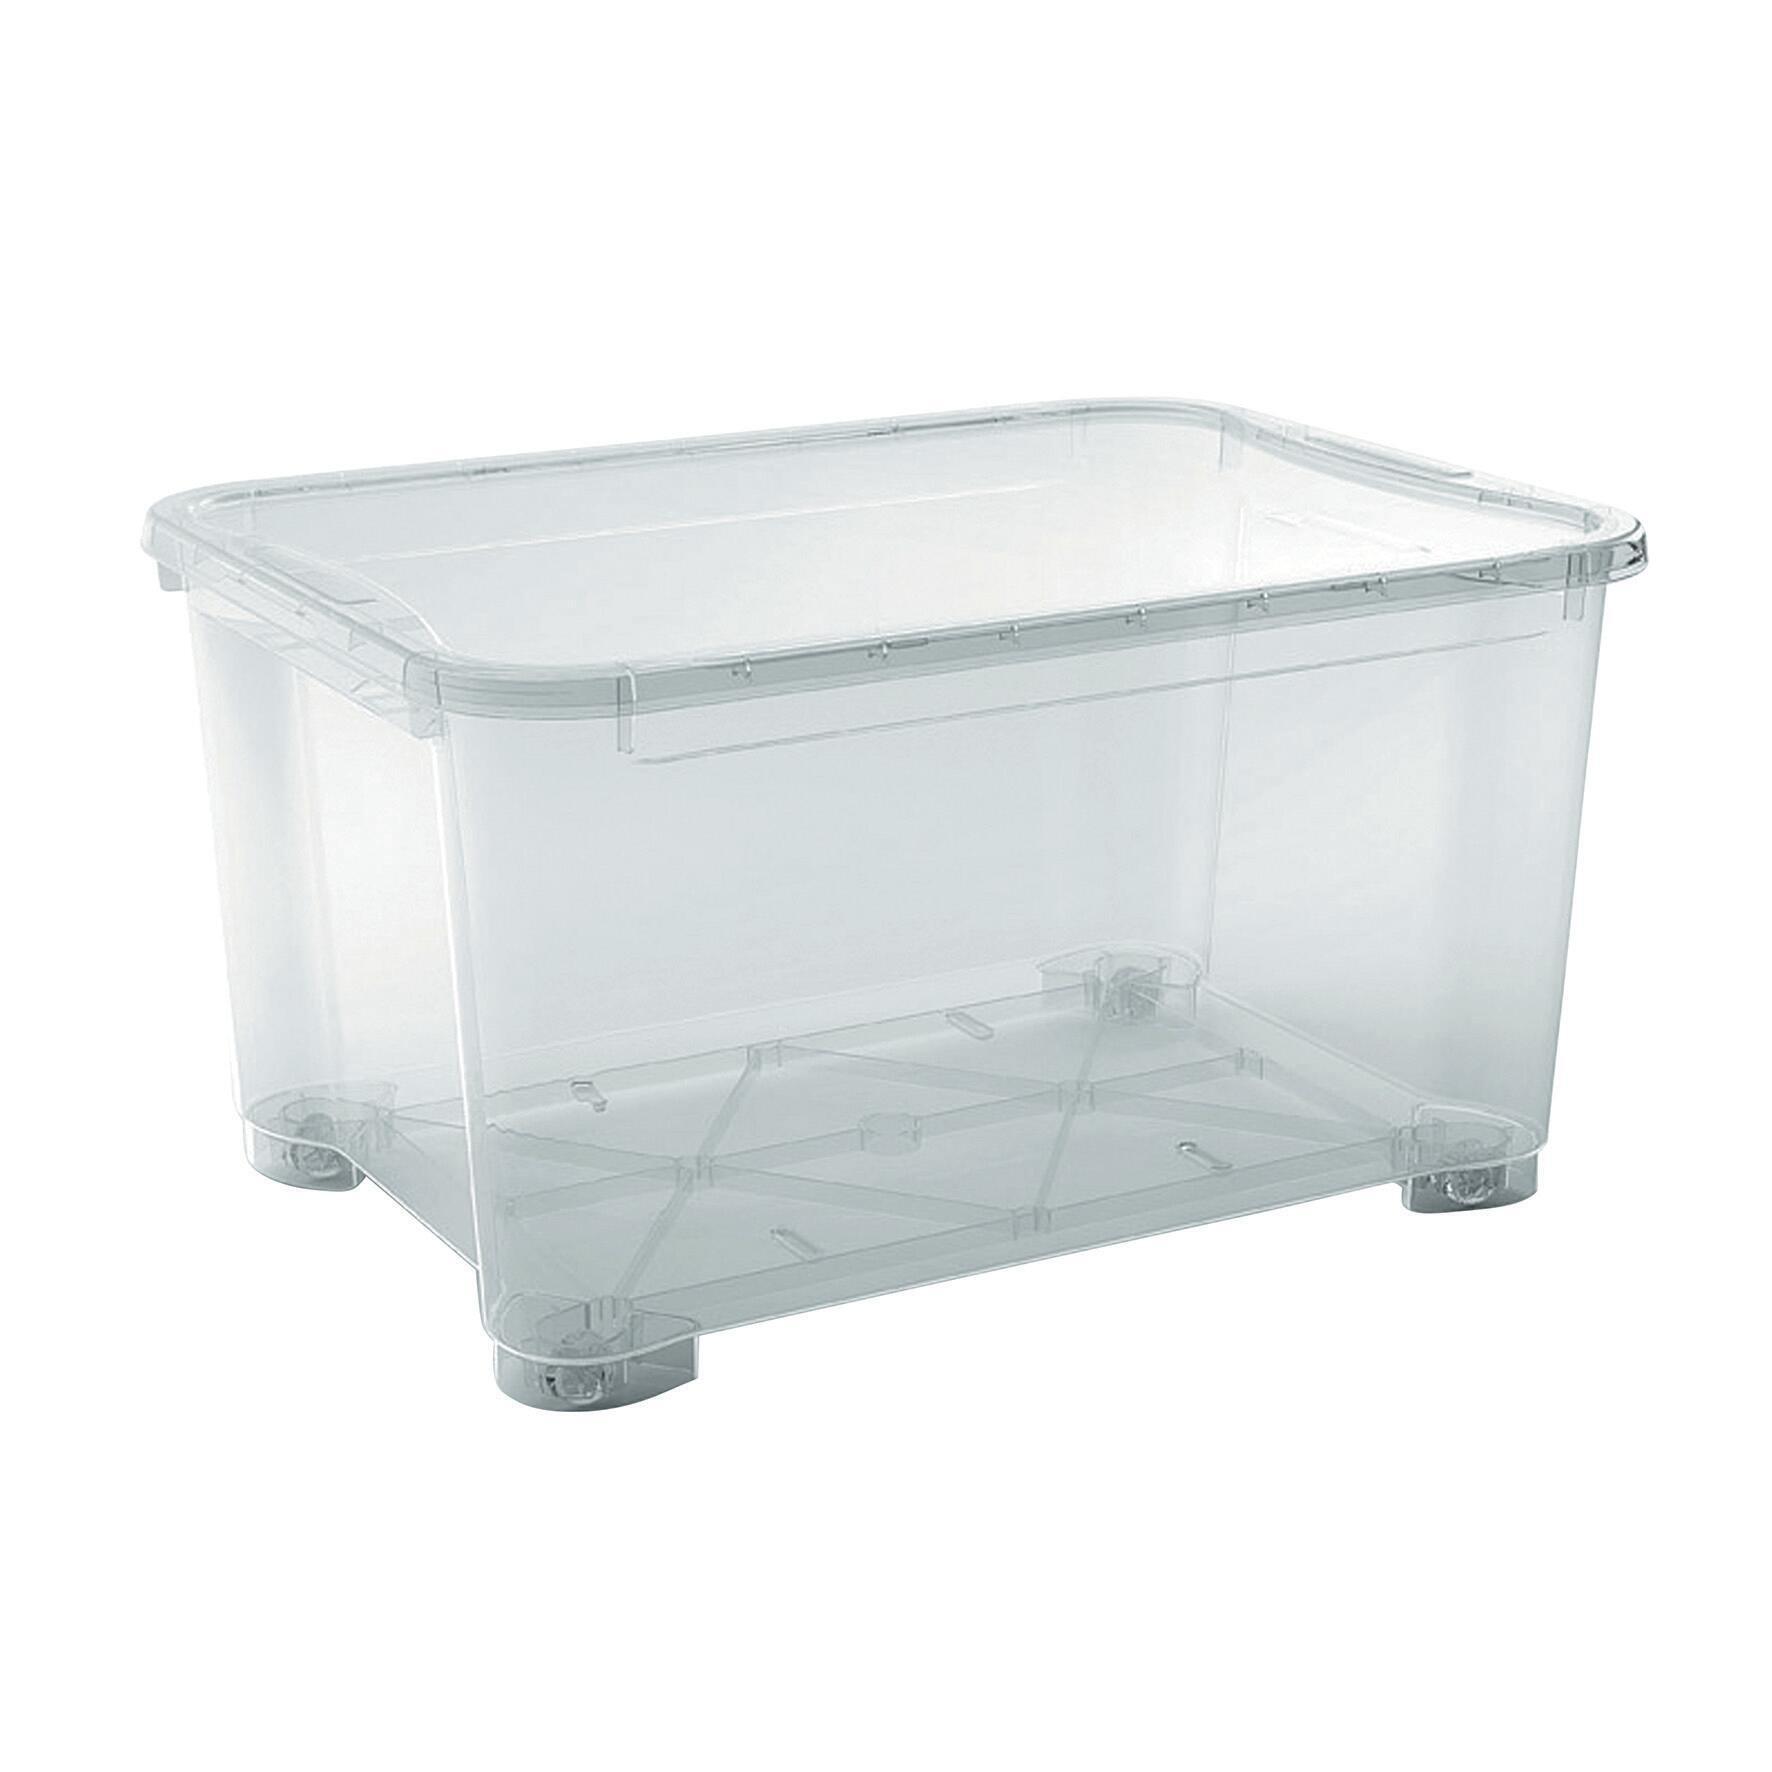 Contenitore T-box L 79.5 x H 43.5 x P 58 cm trasparente